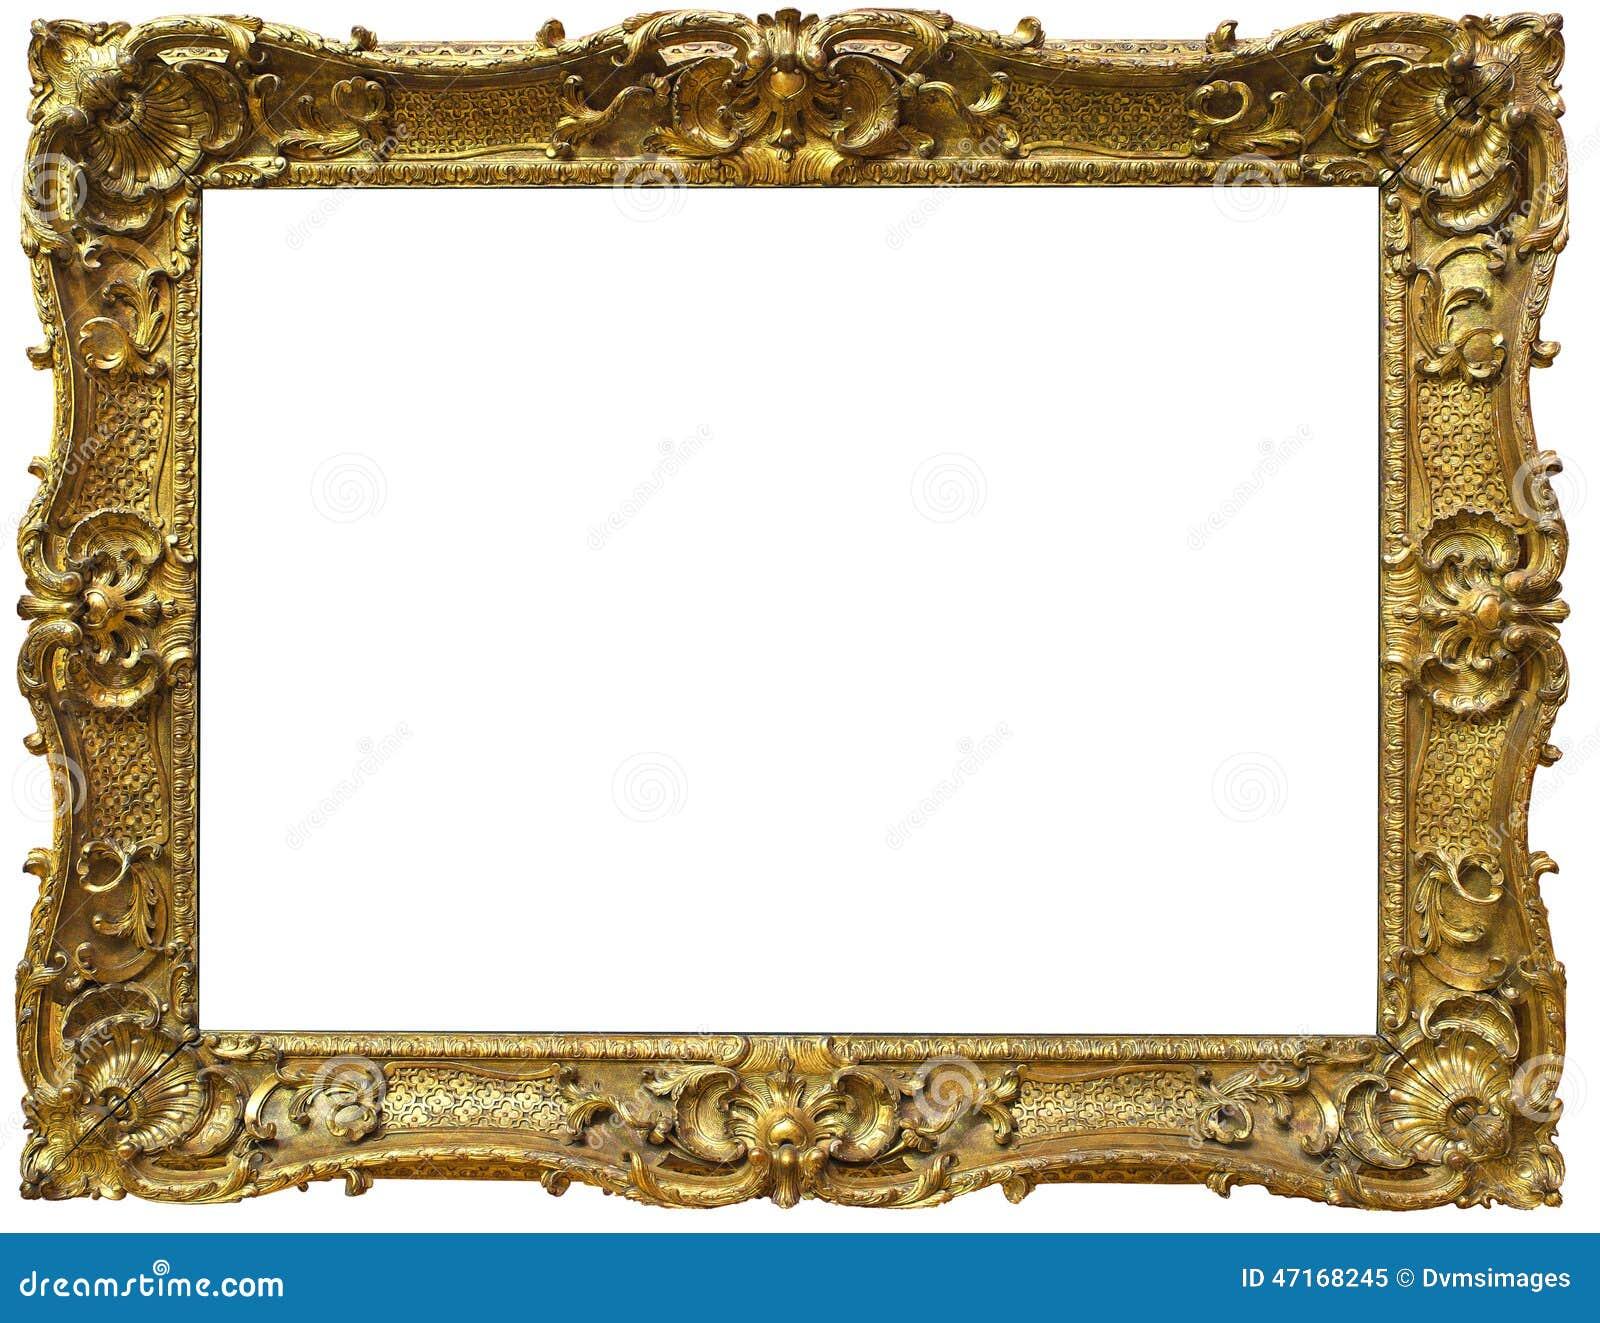 Marco Barroco Adornado Del Oro Imagen de archivo - Imagen de fondo ...